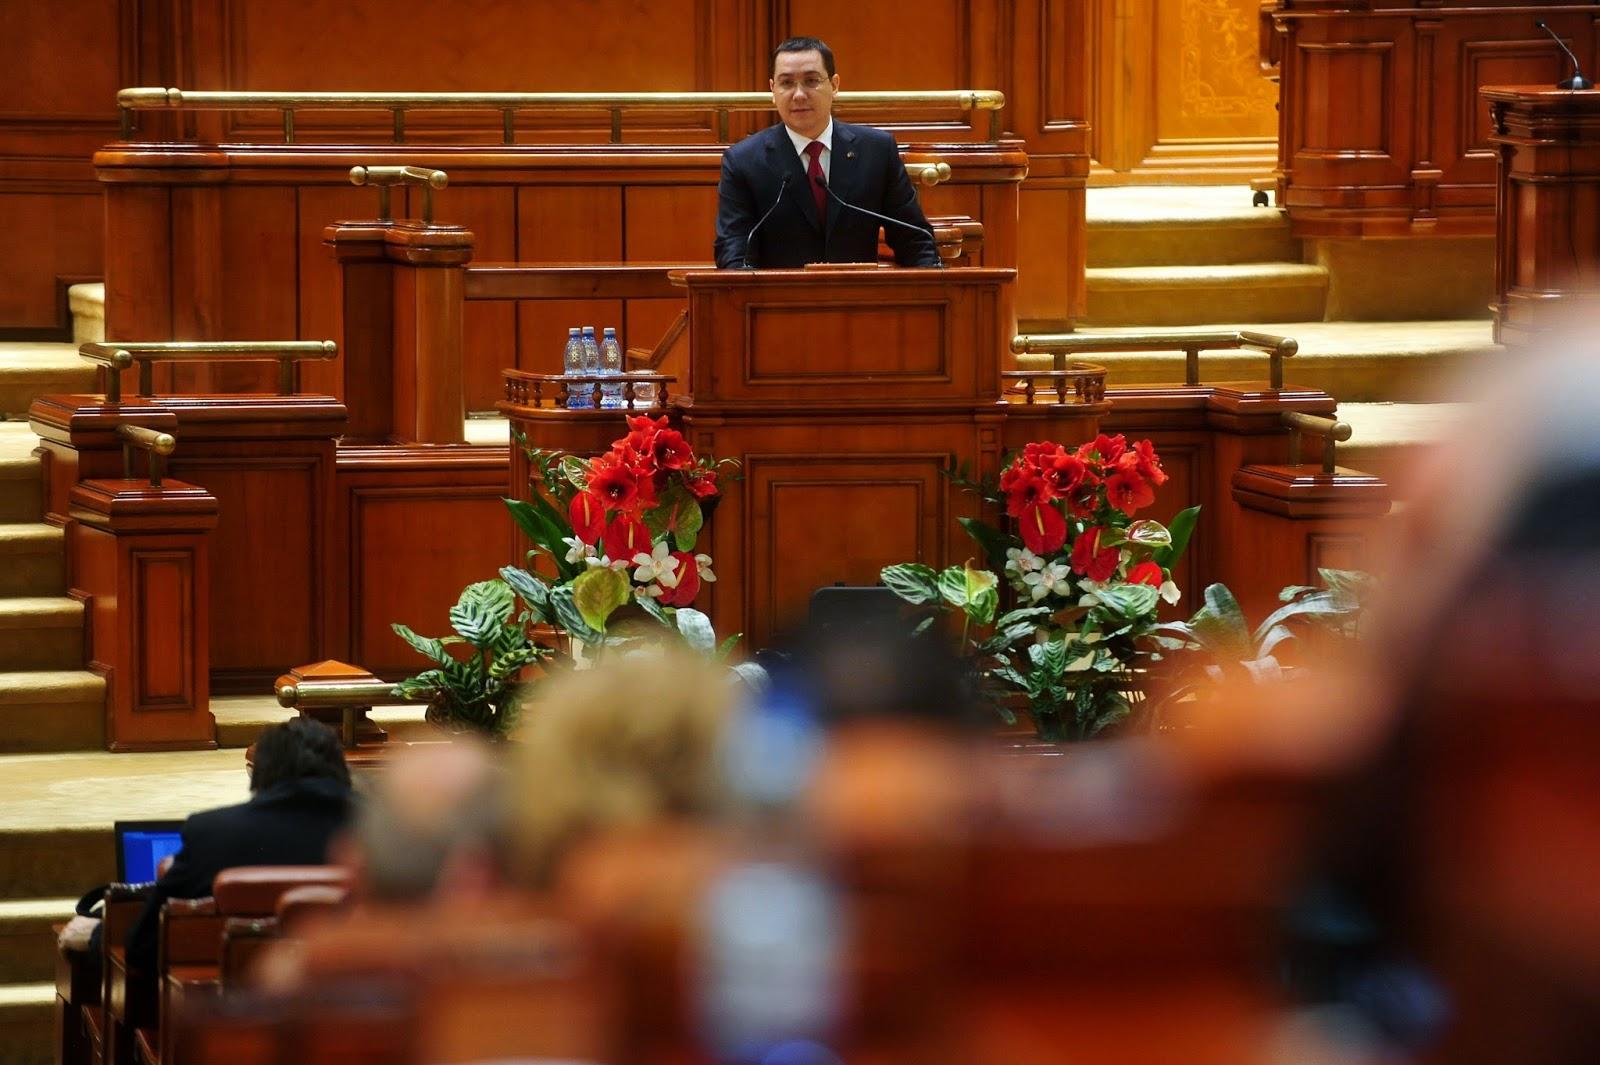 Victor Ponta, Ponta-kormány, kormánybuktatás, politika, Románia, Klaus Johannis, Nemzeti Liberális Párt, PSD,